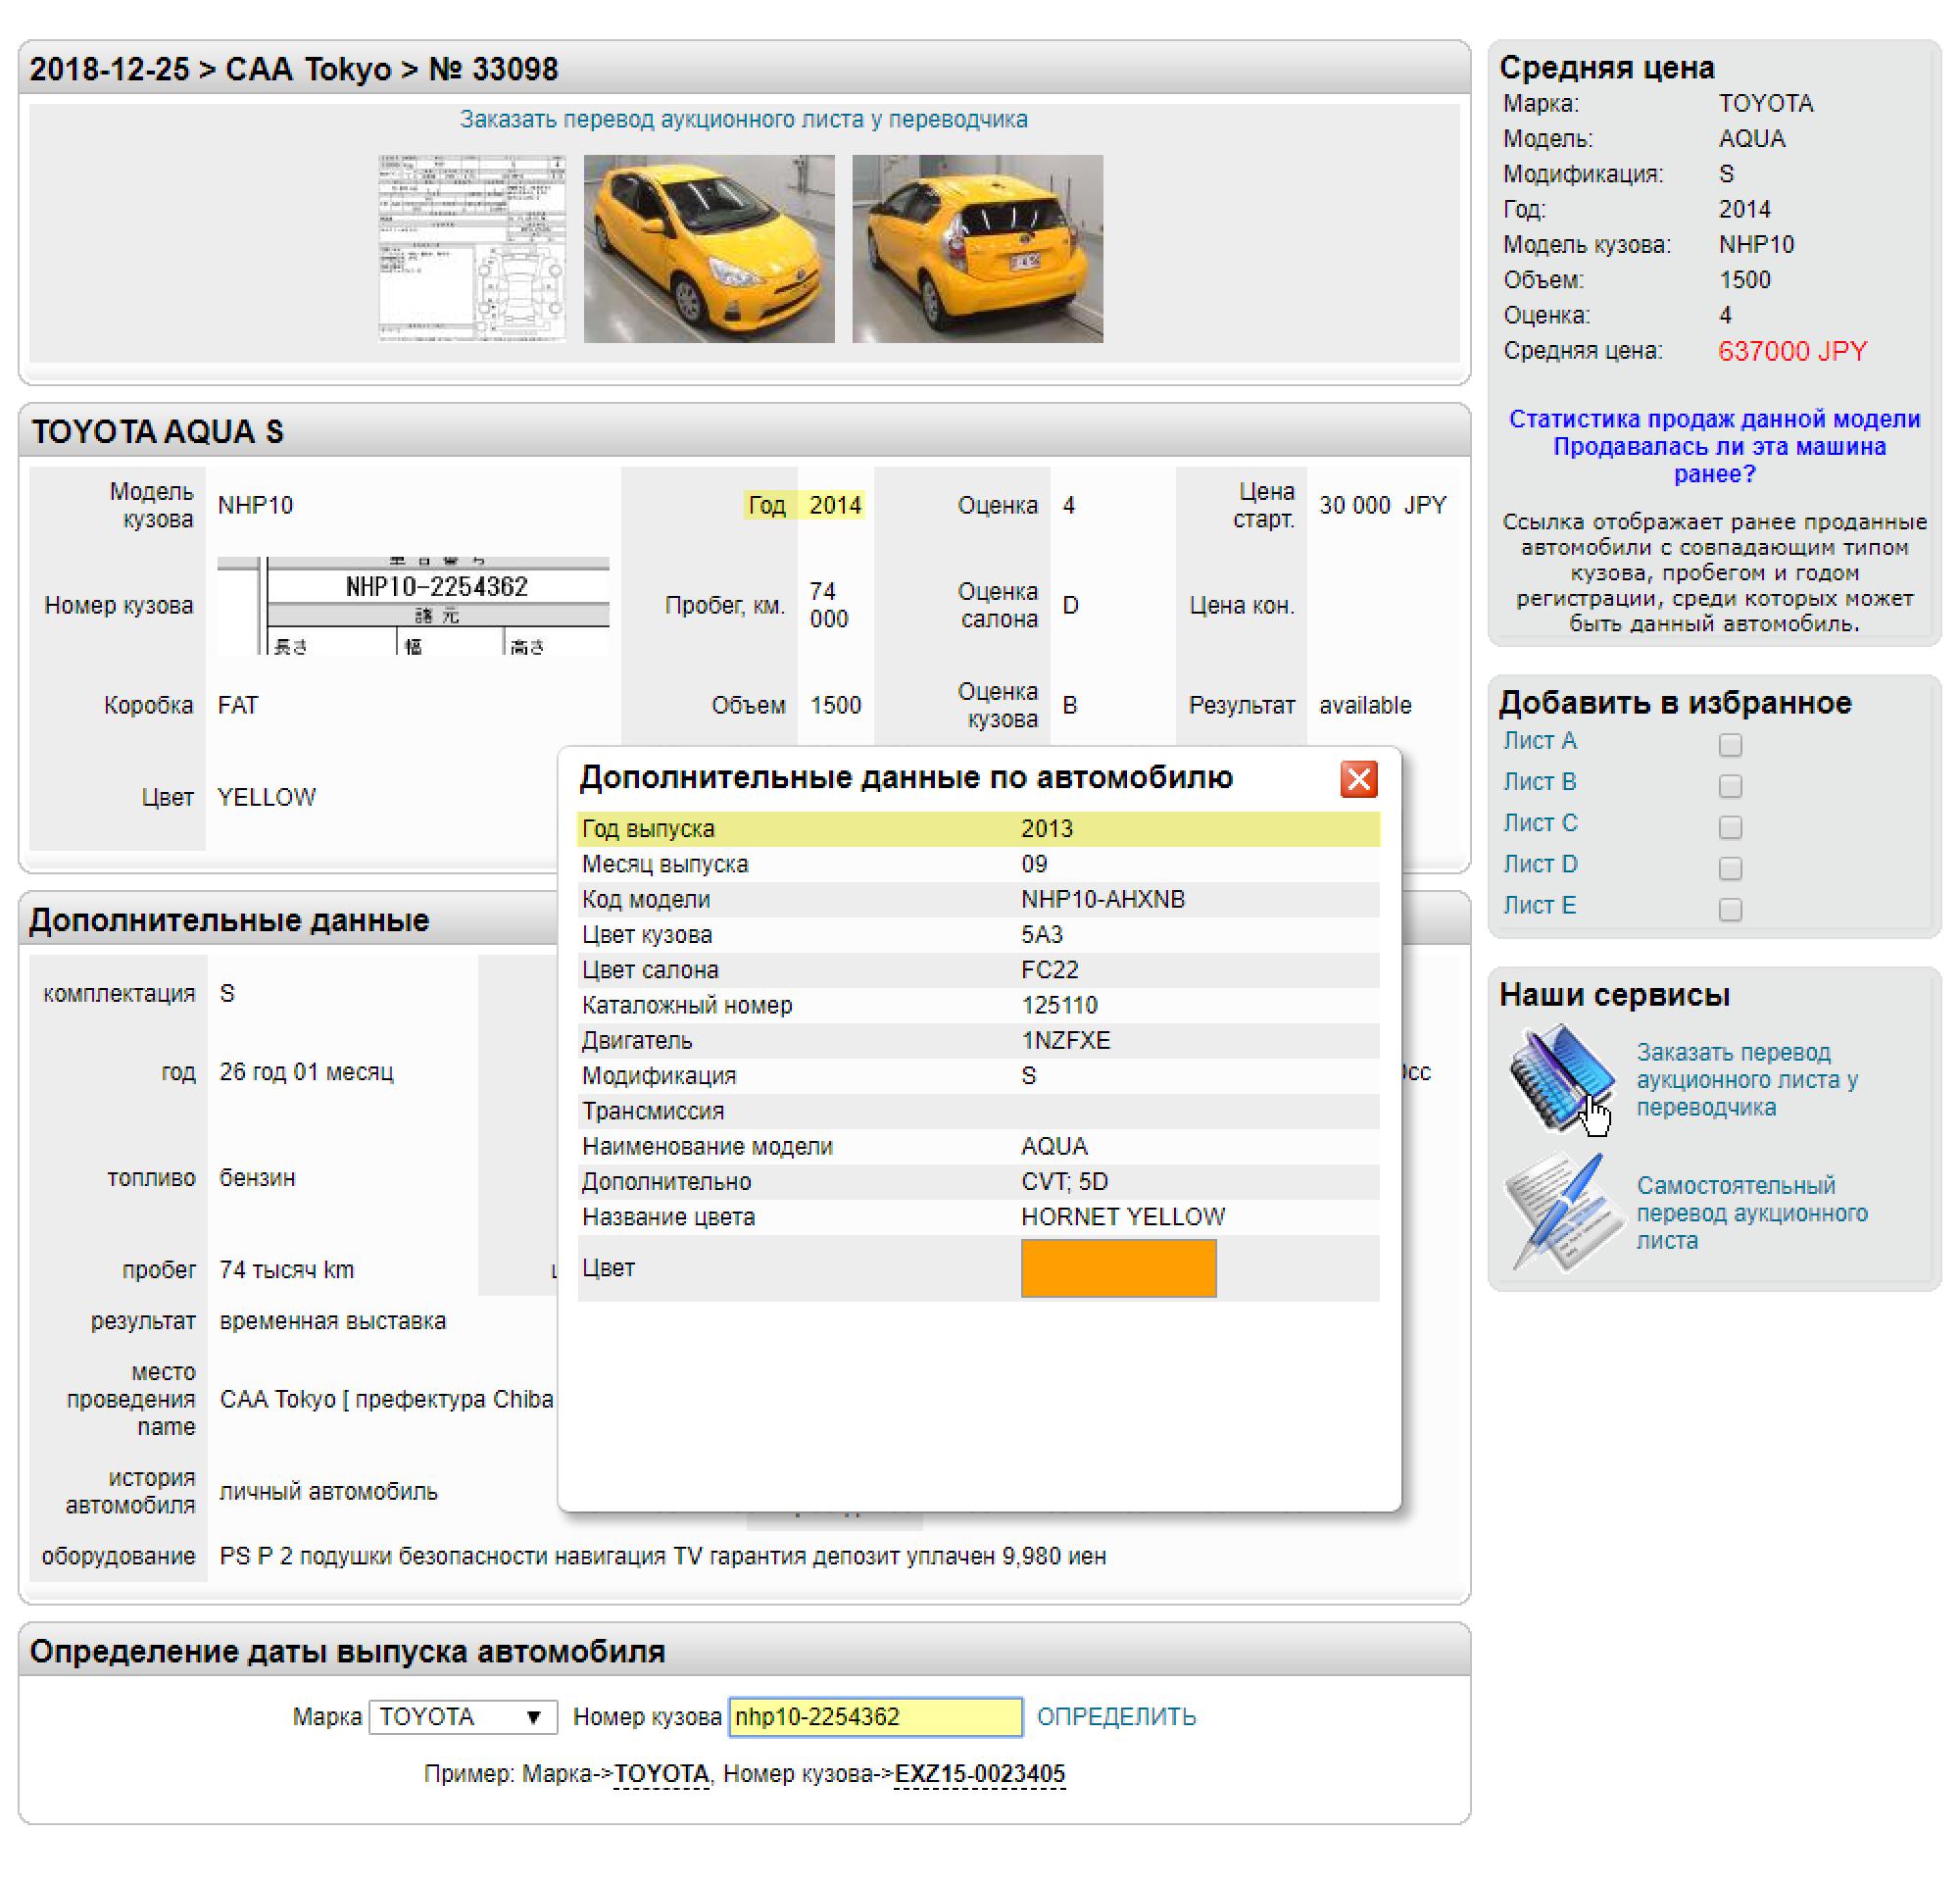 взять кредит онлайн заявка во все банки по паспорту спб